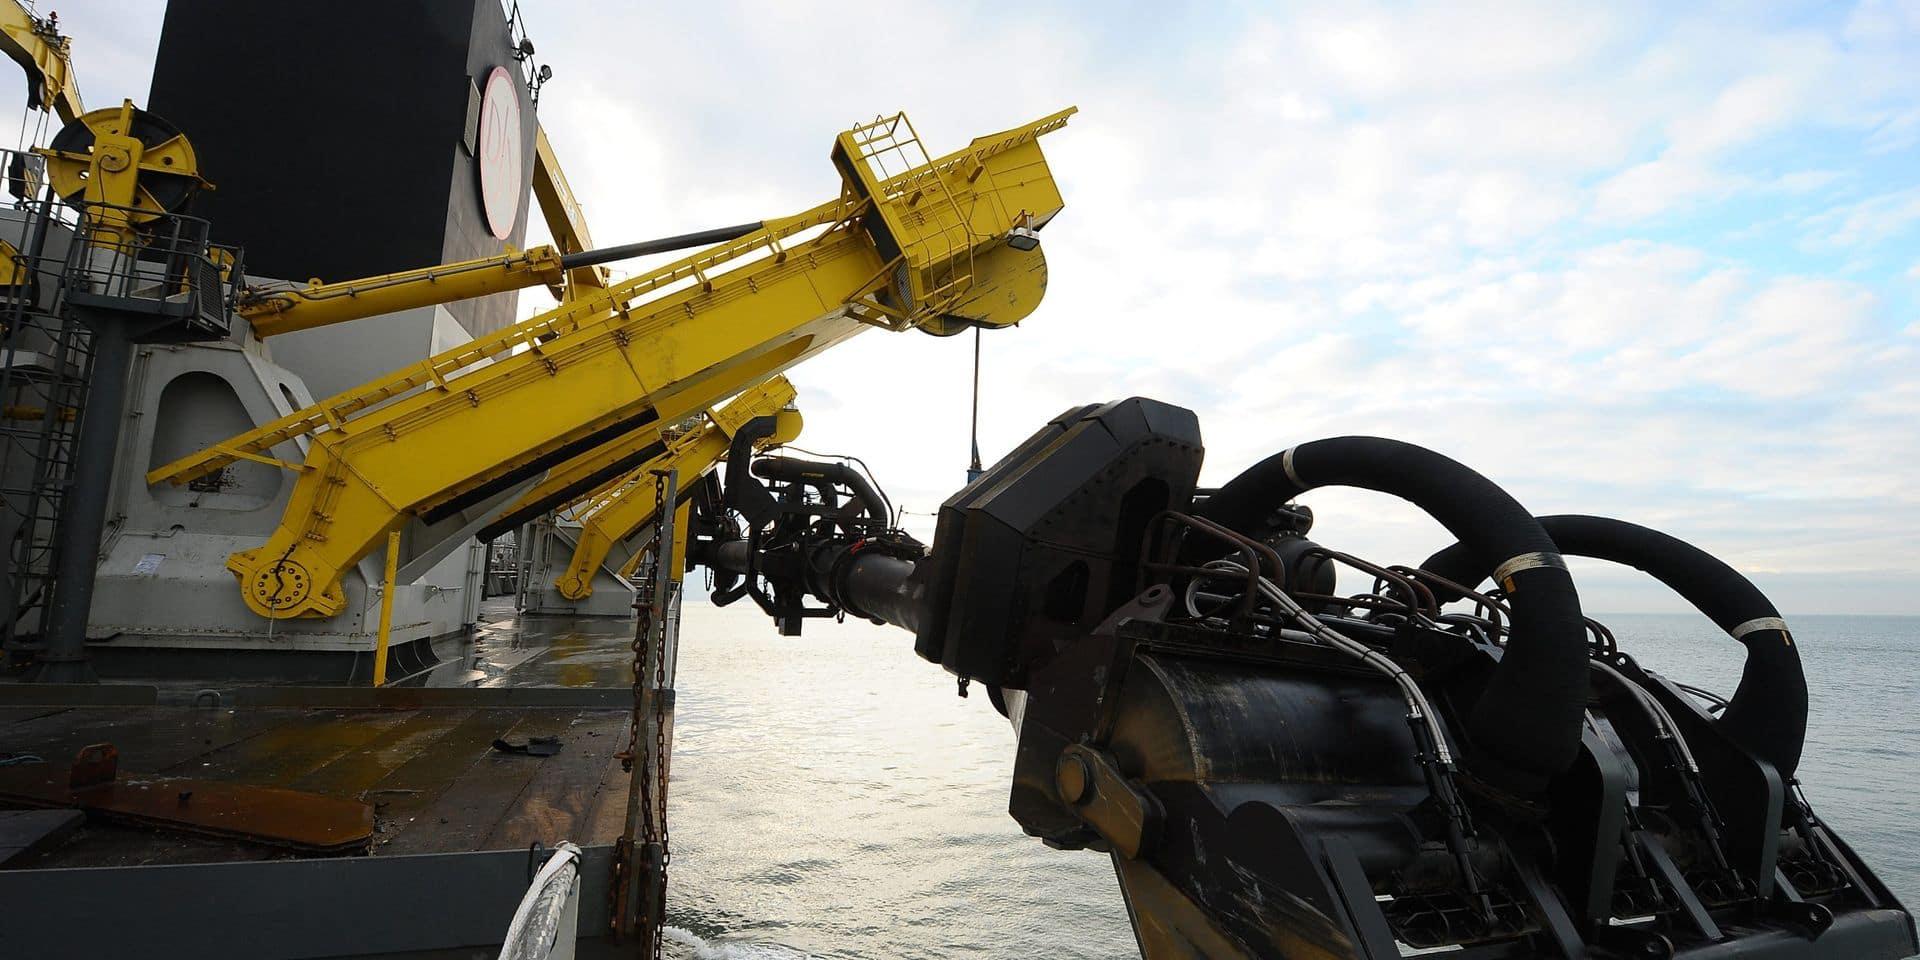 Le Belge Jan De Nul veut une nouvelle trancheuse pour enterrer des câbles sous l'eau